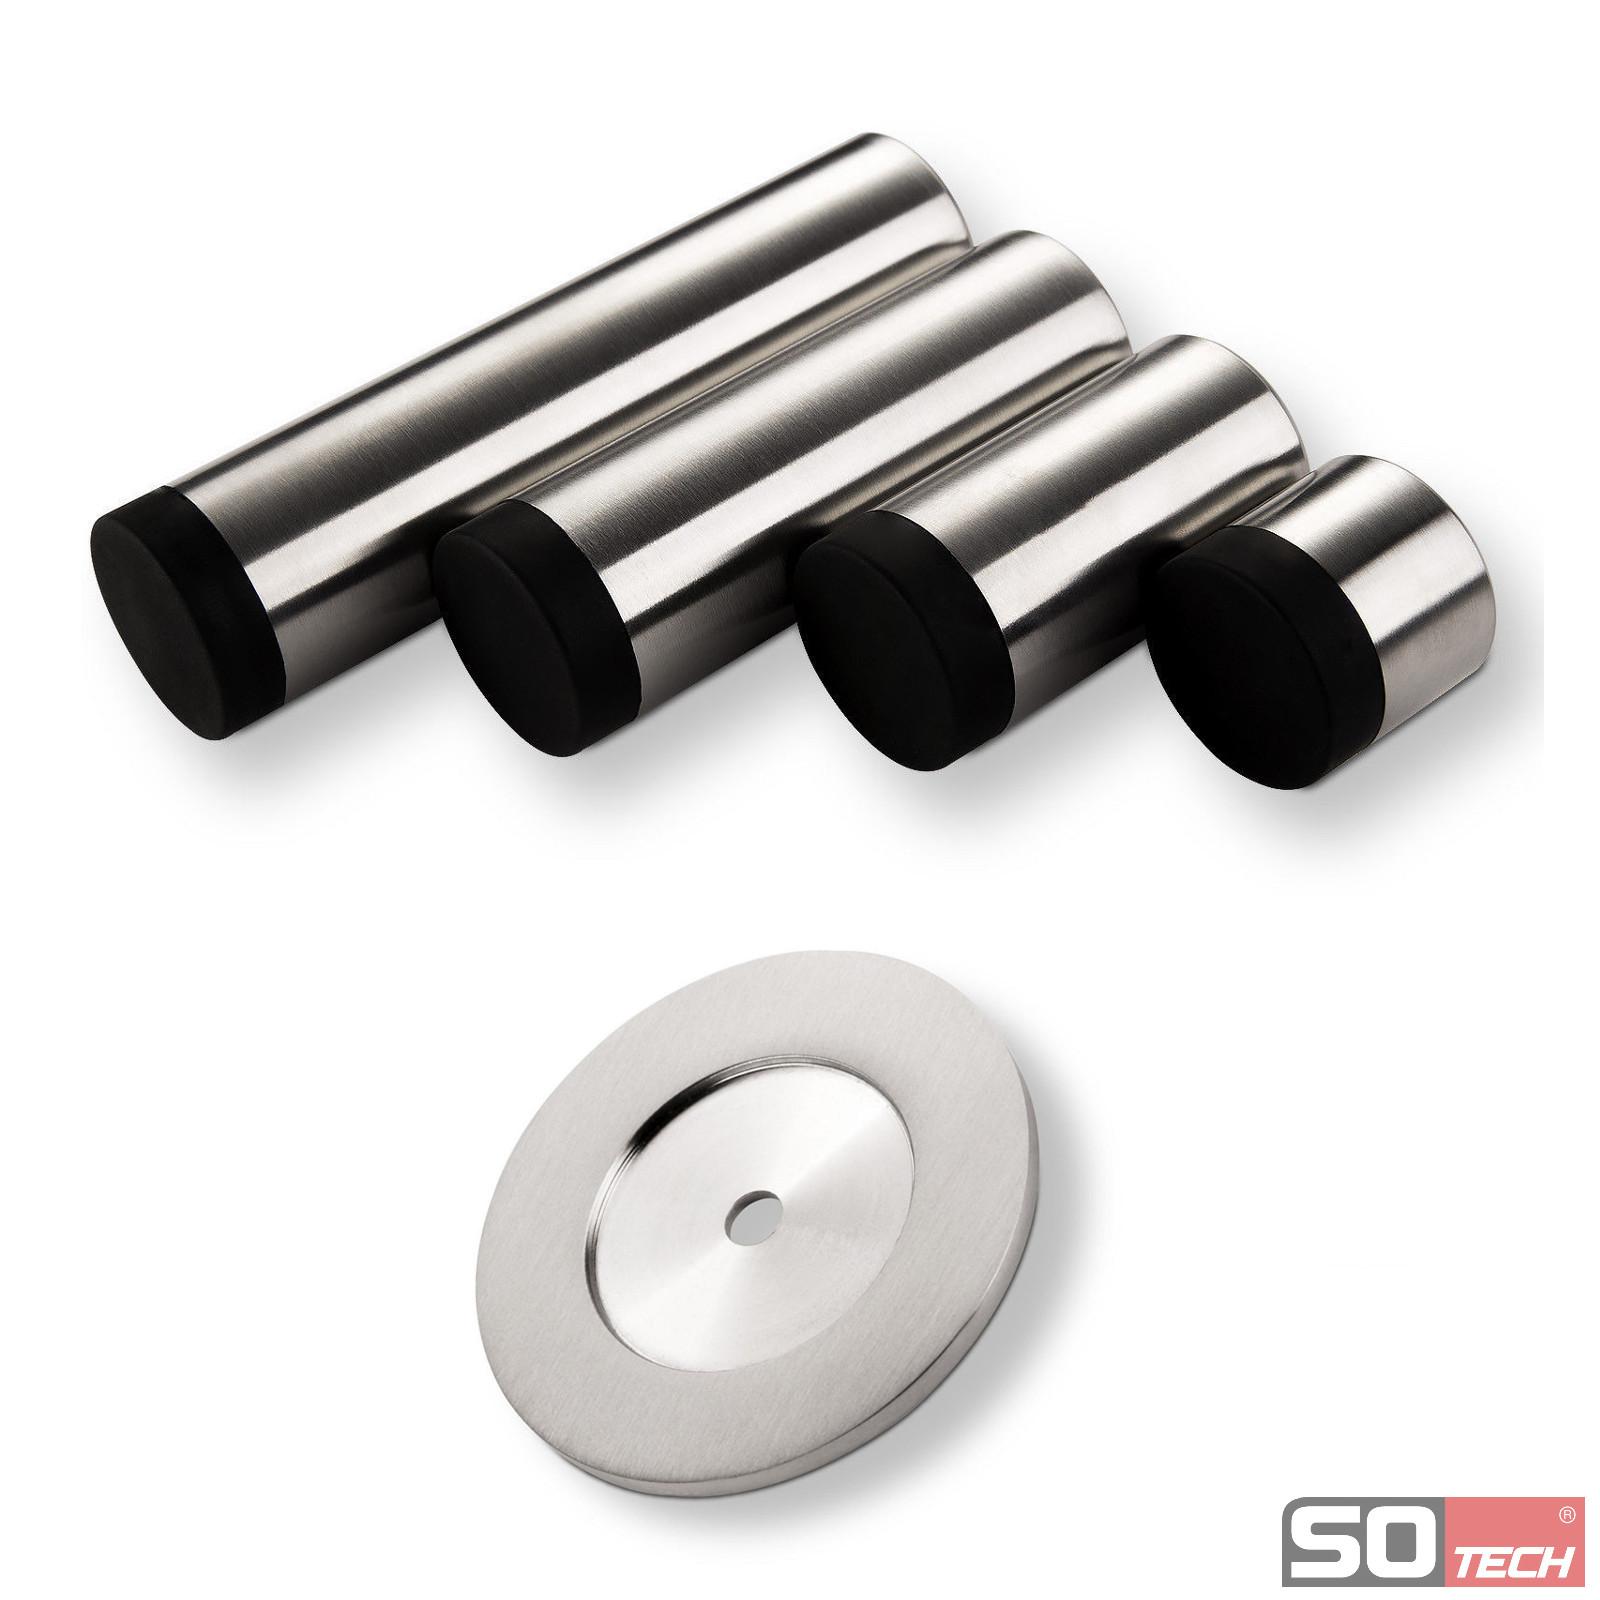 t rstopper topper 30 120 30mm wandabstand 30 120mm edelstahl ebay. Black Bedroom Furniture Sets. Home Design Ideas